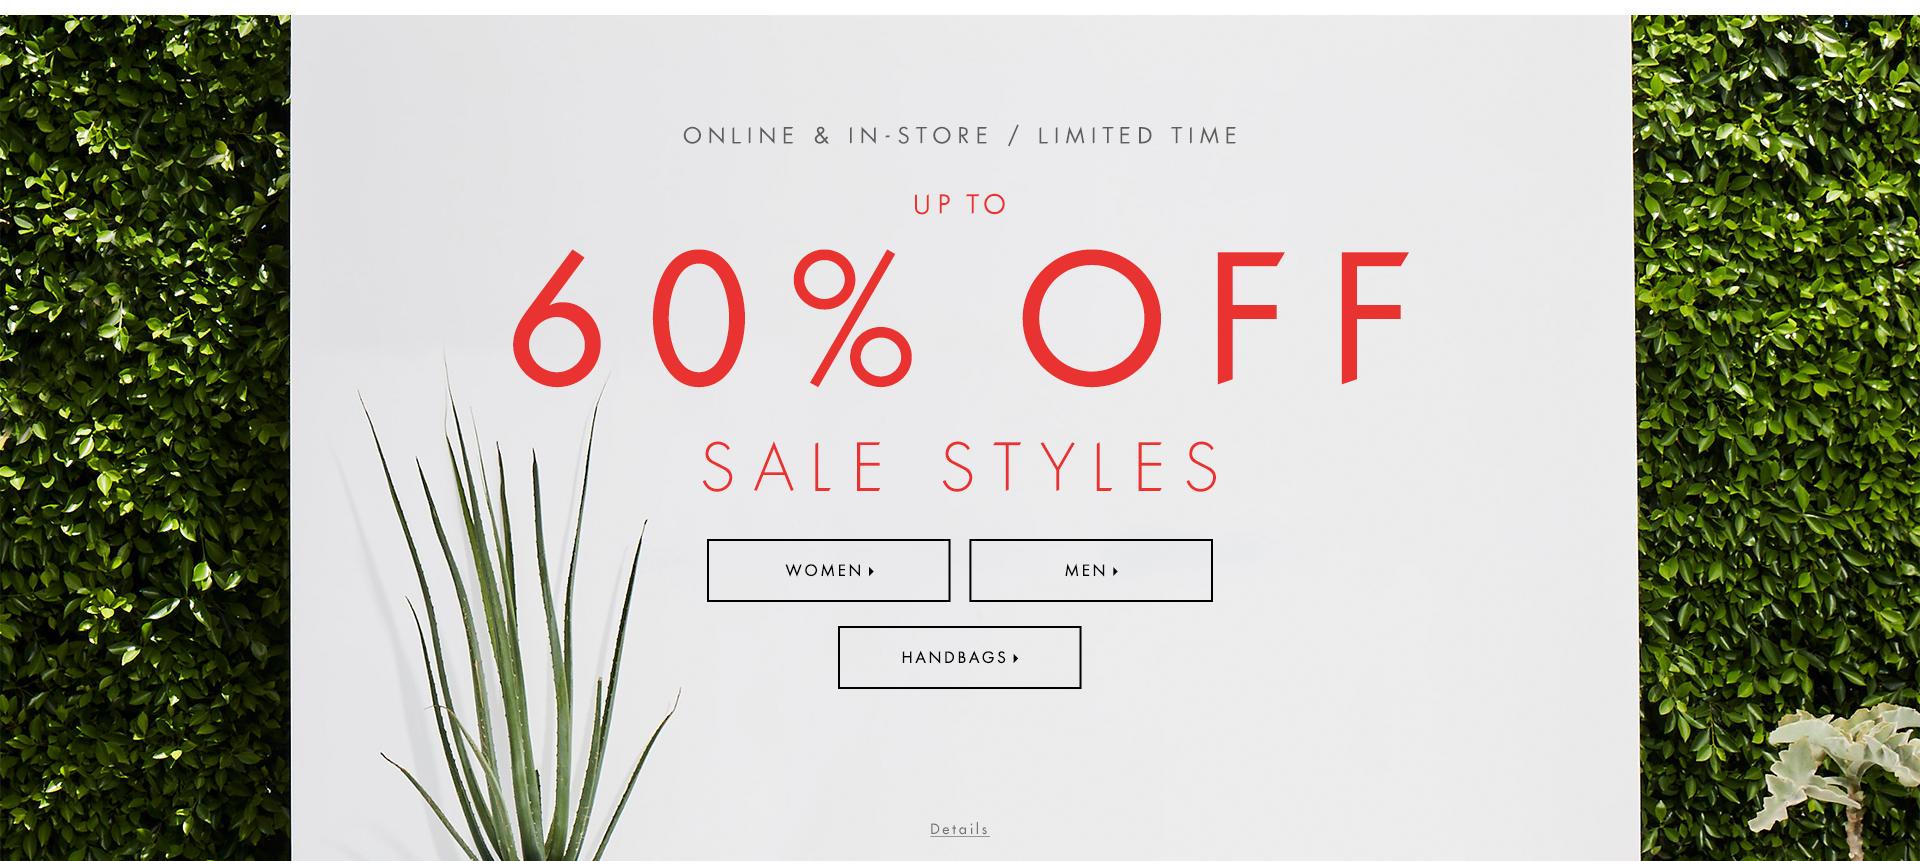 Shop end of summer sale